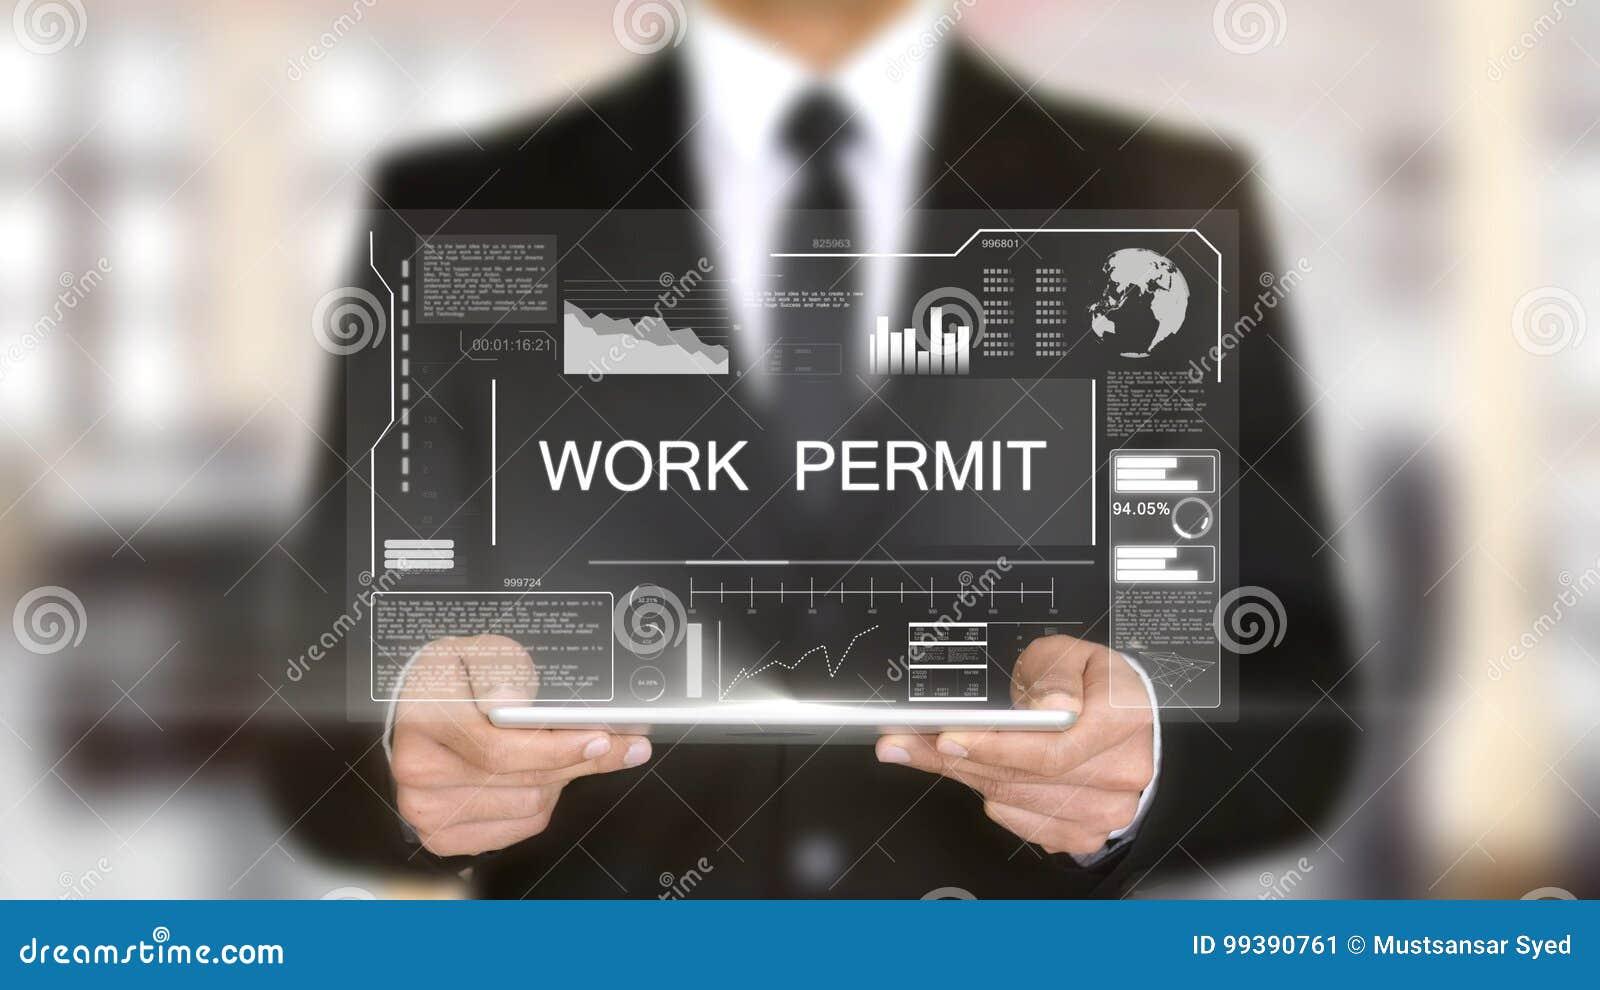 工作许可,全息图未来派接口,被增添的虚拟现实